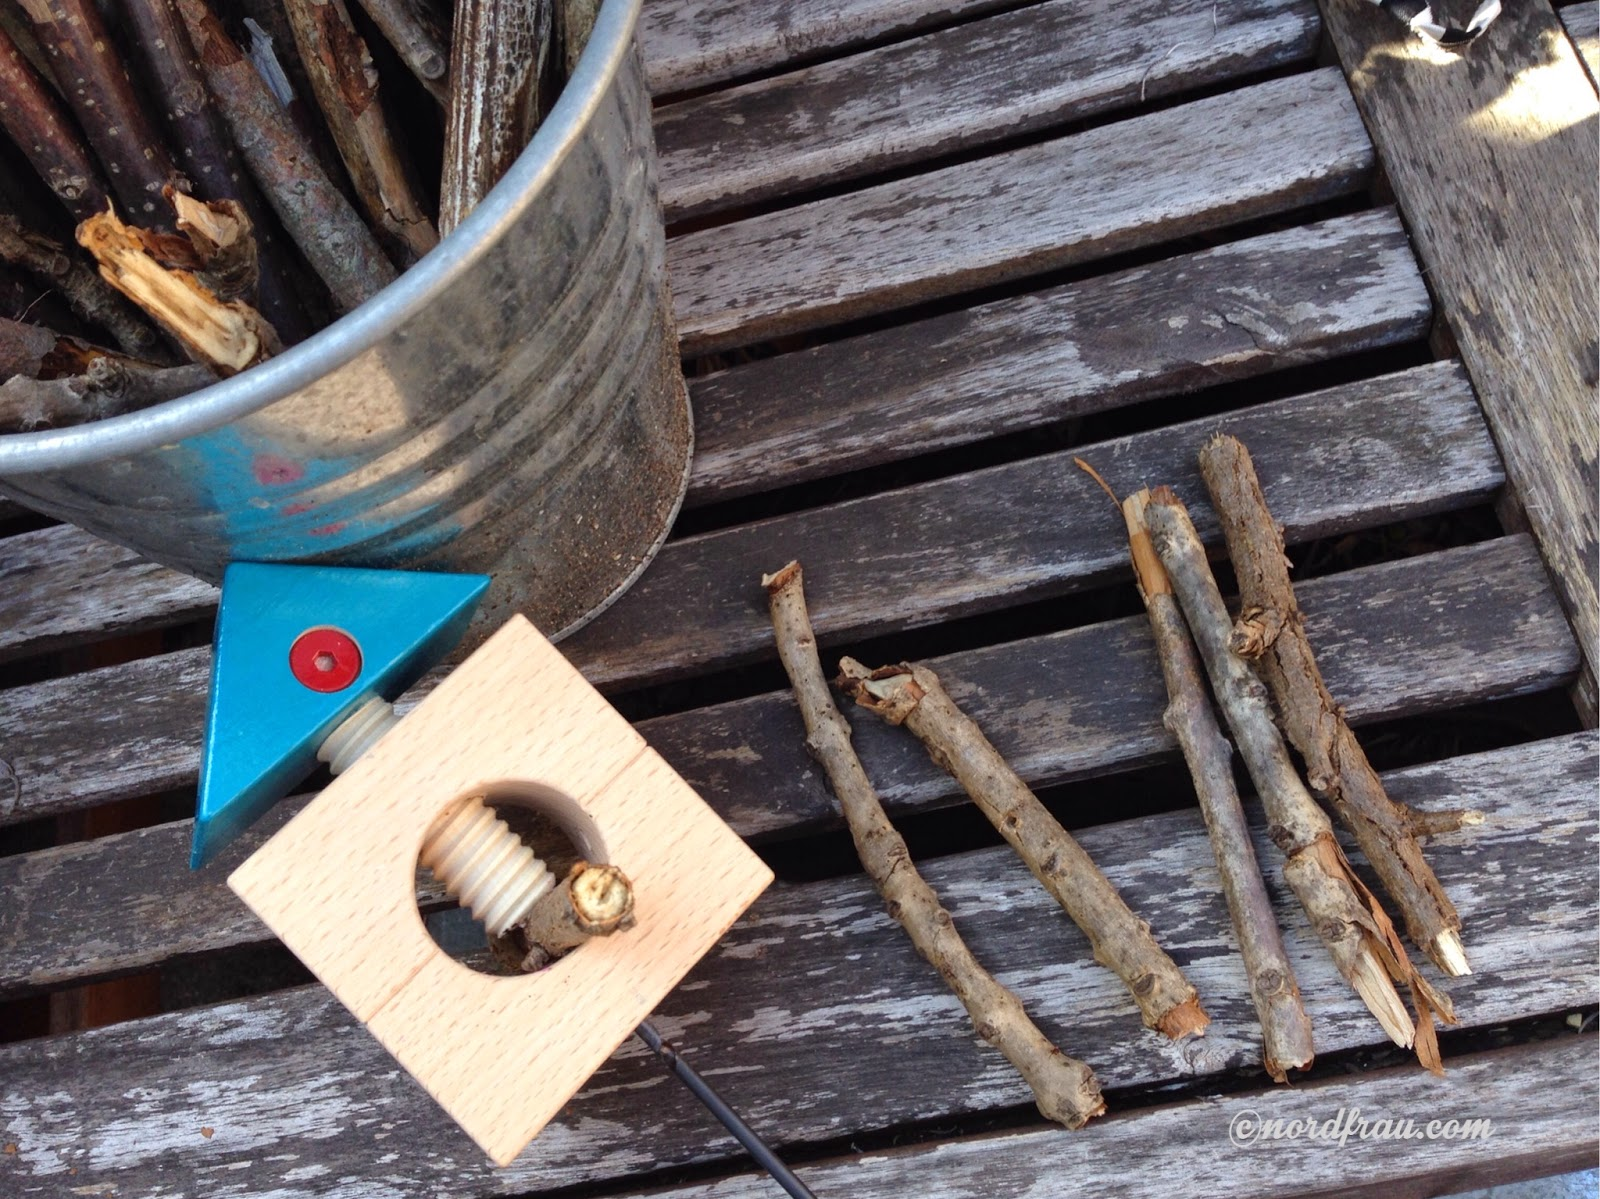 mit Kastanienbohrer Löcher in Stöckchen bohren